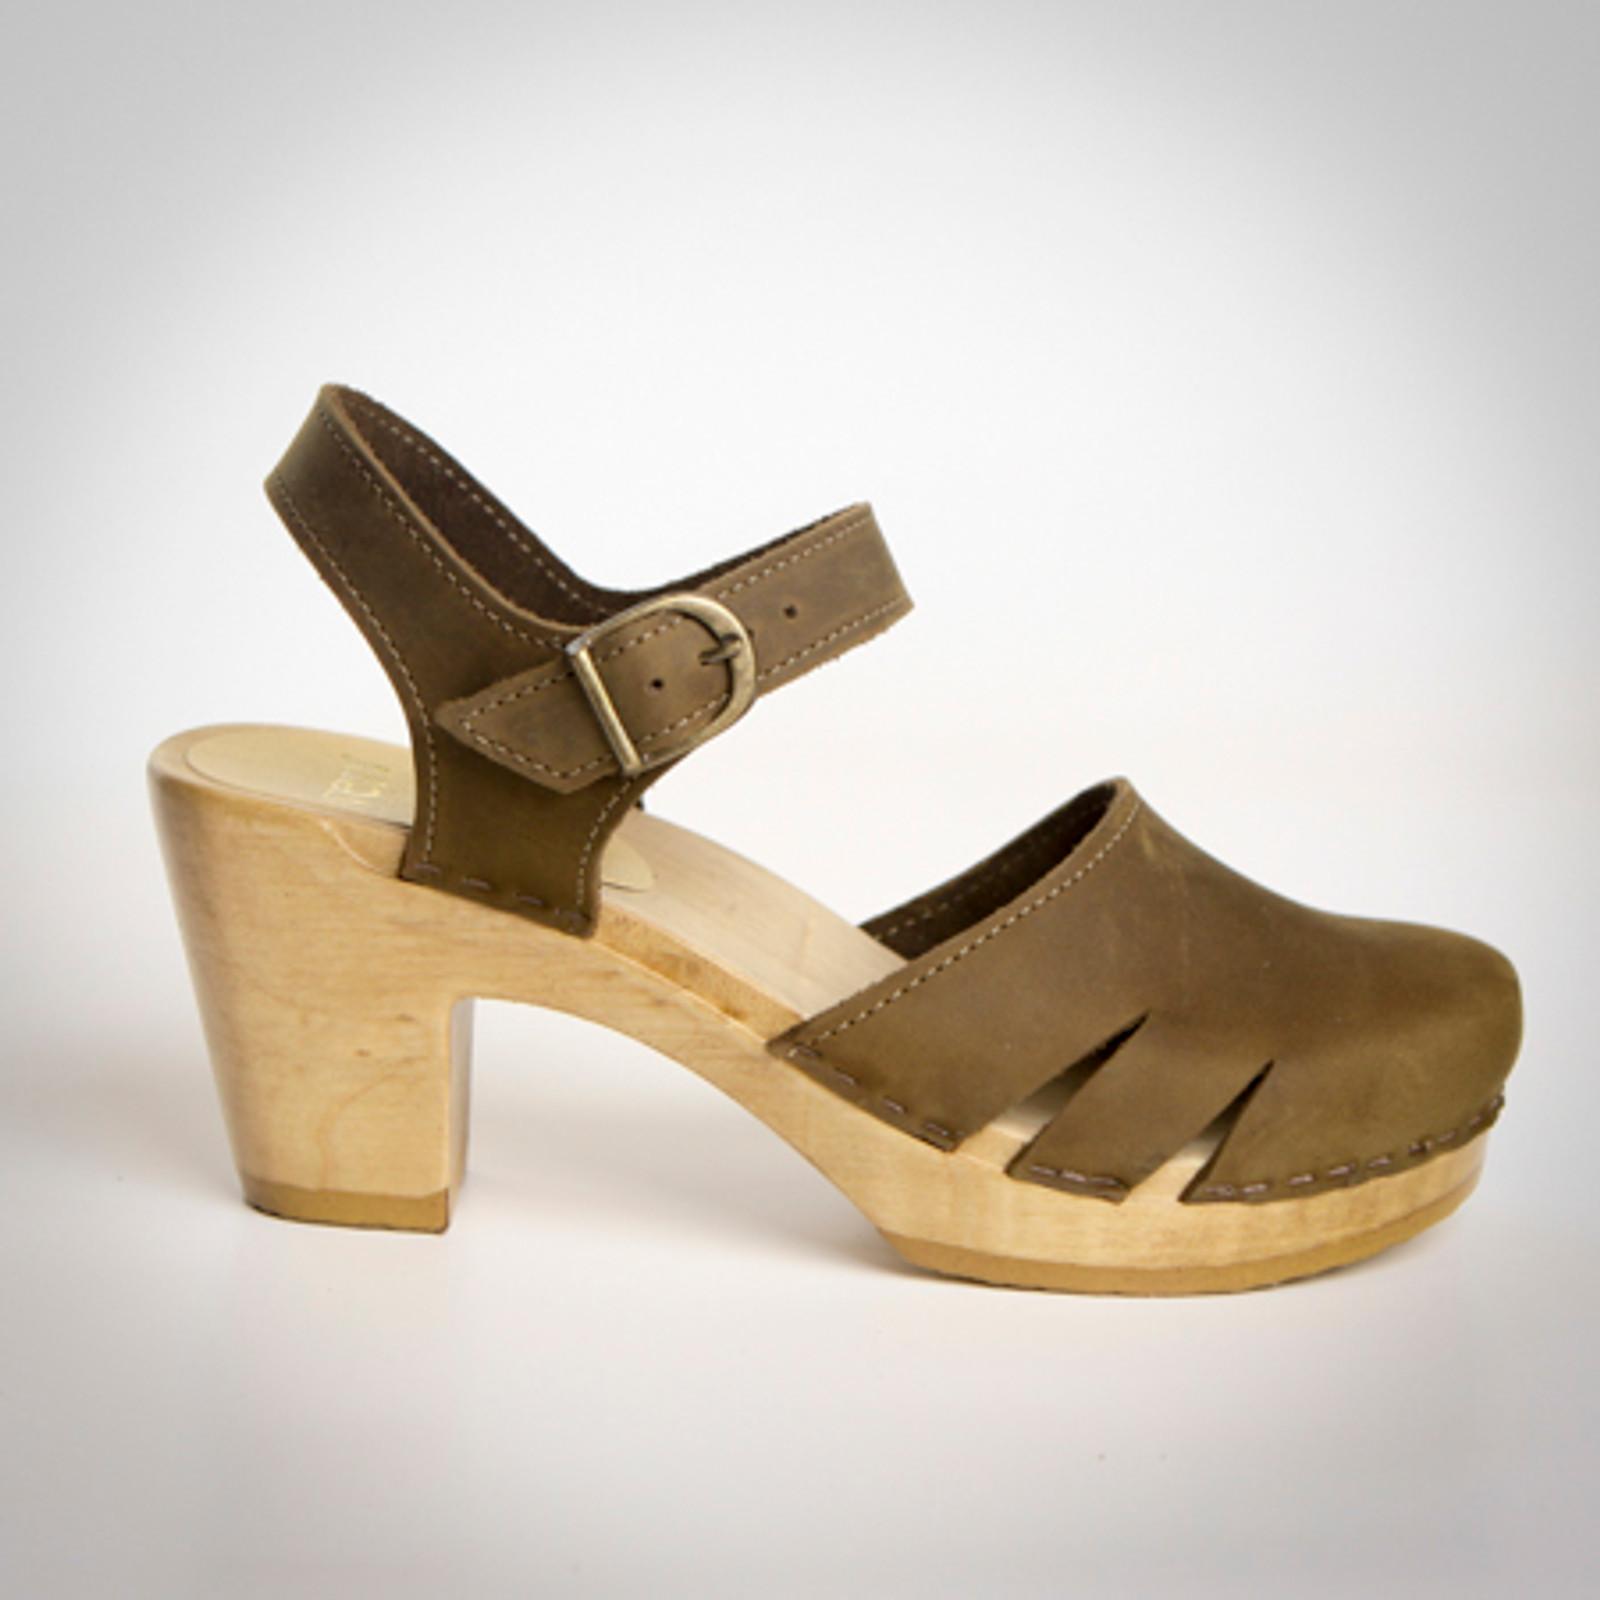 Side Slit Sandals - High Heel Clogs